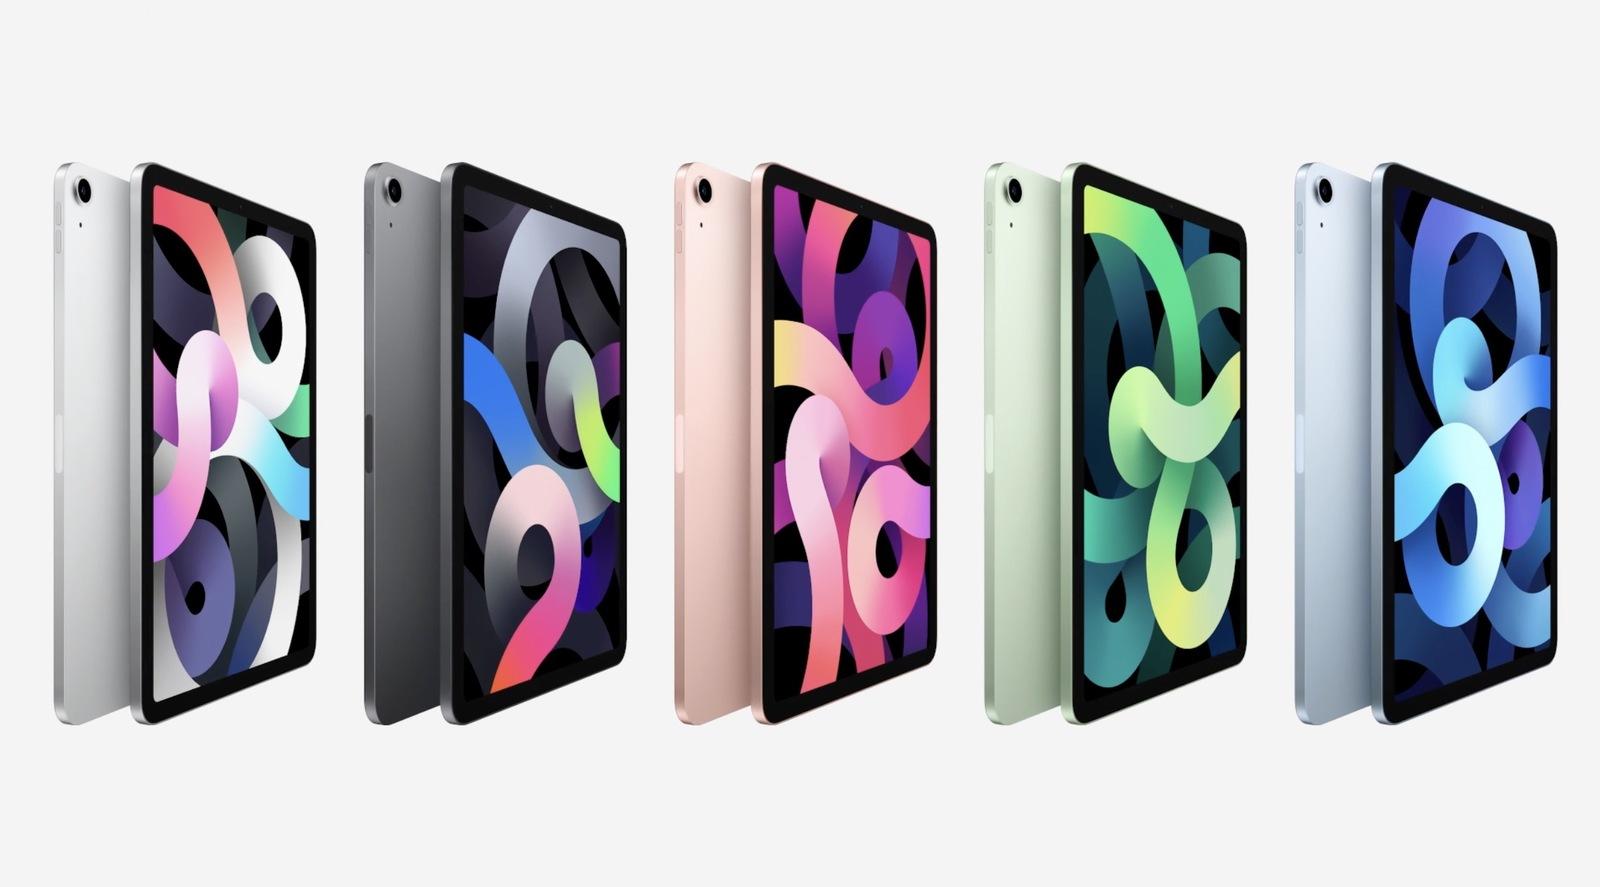 ipad air 4 renk seçenekleri